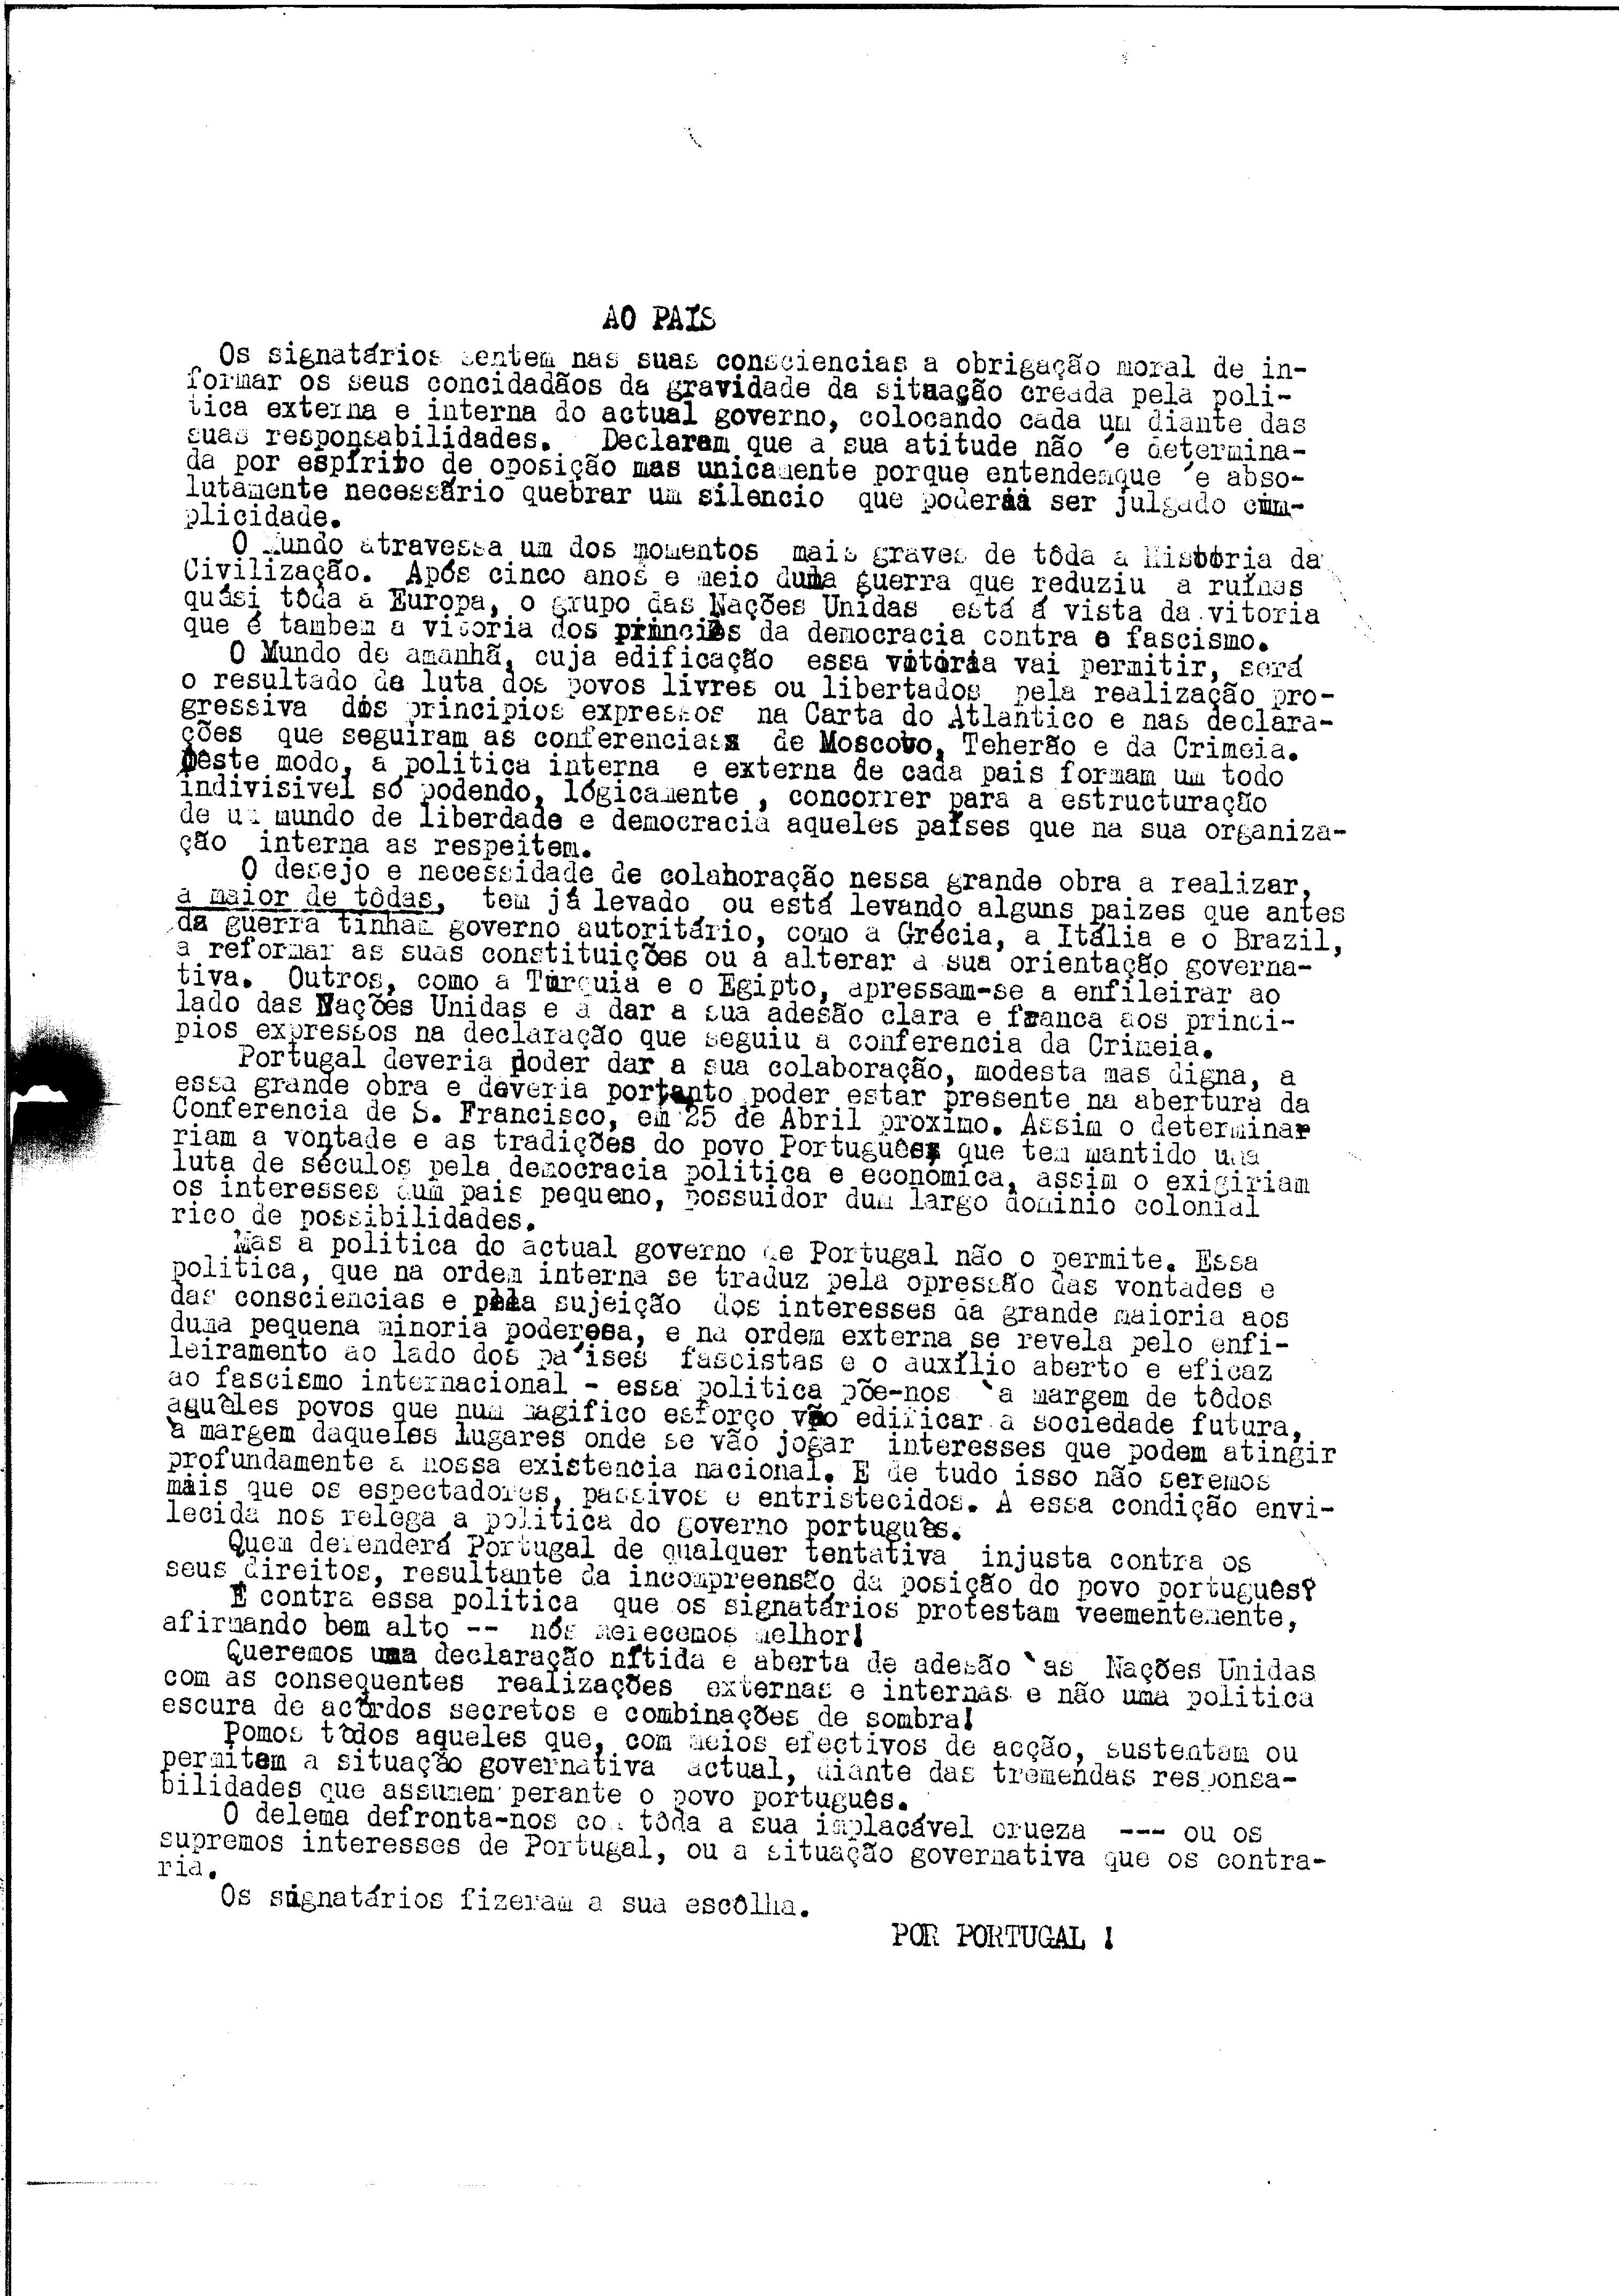 02598.018- pag.1